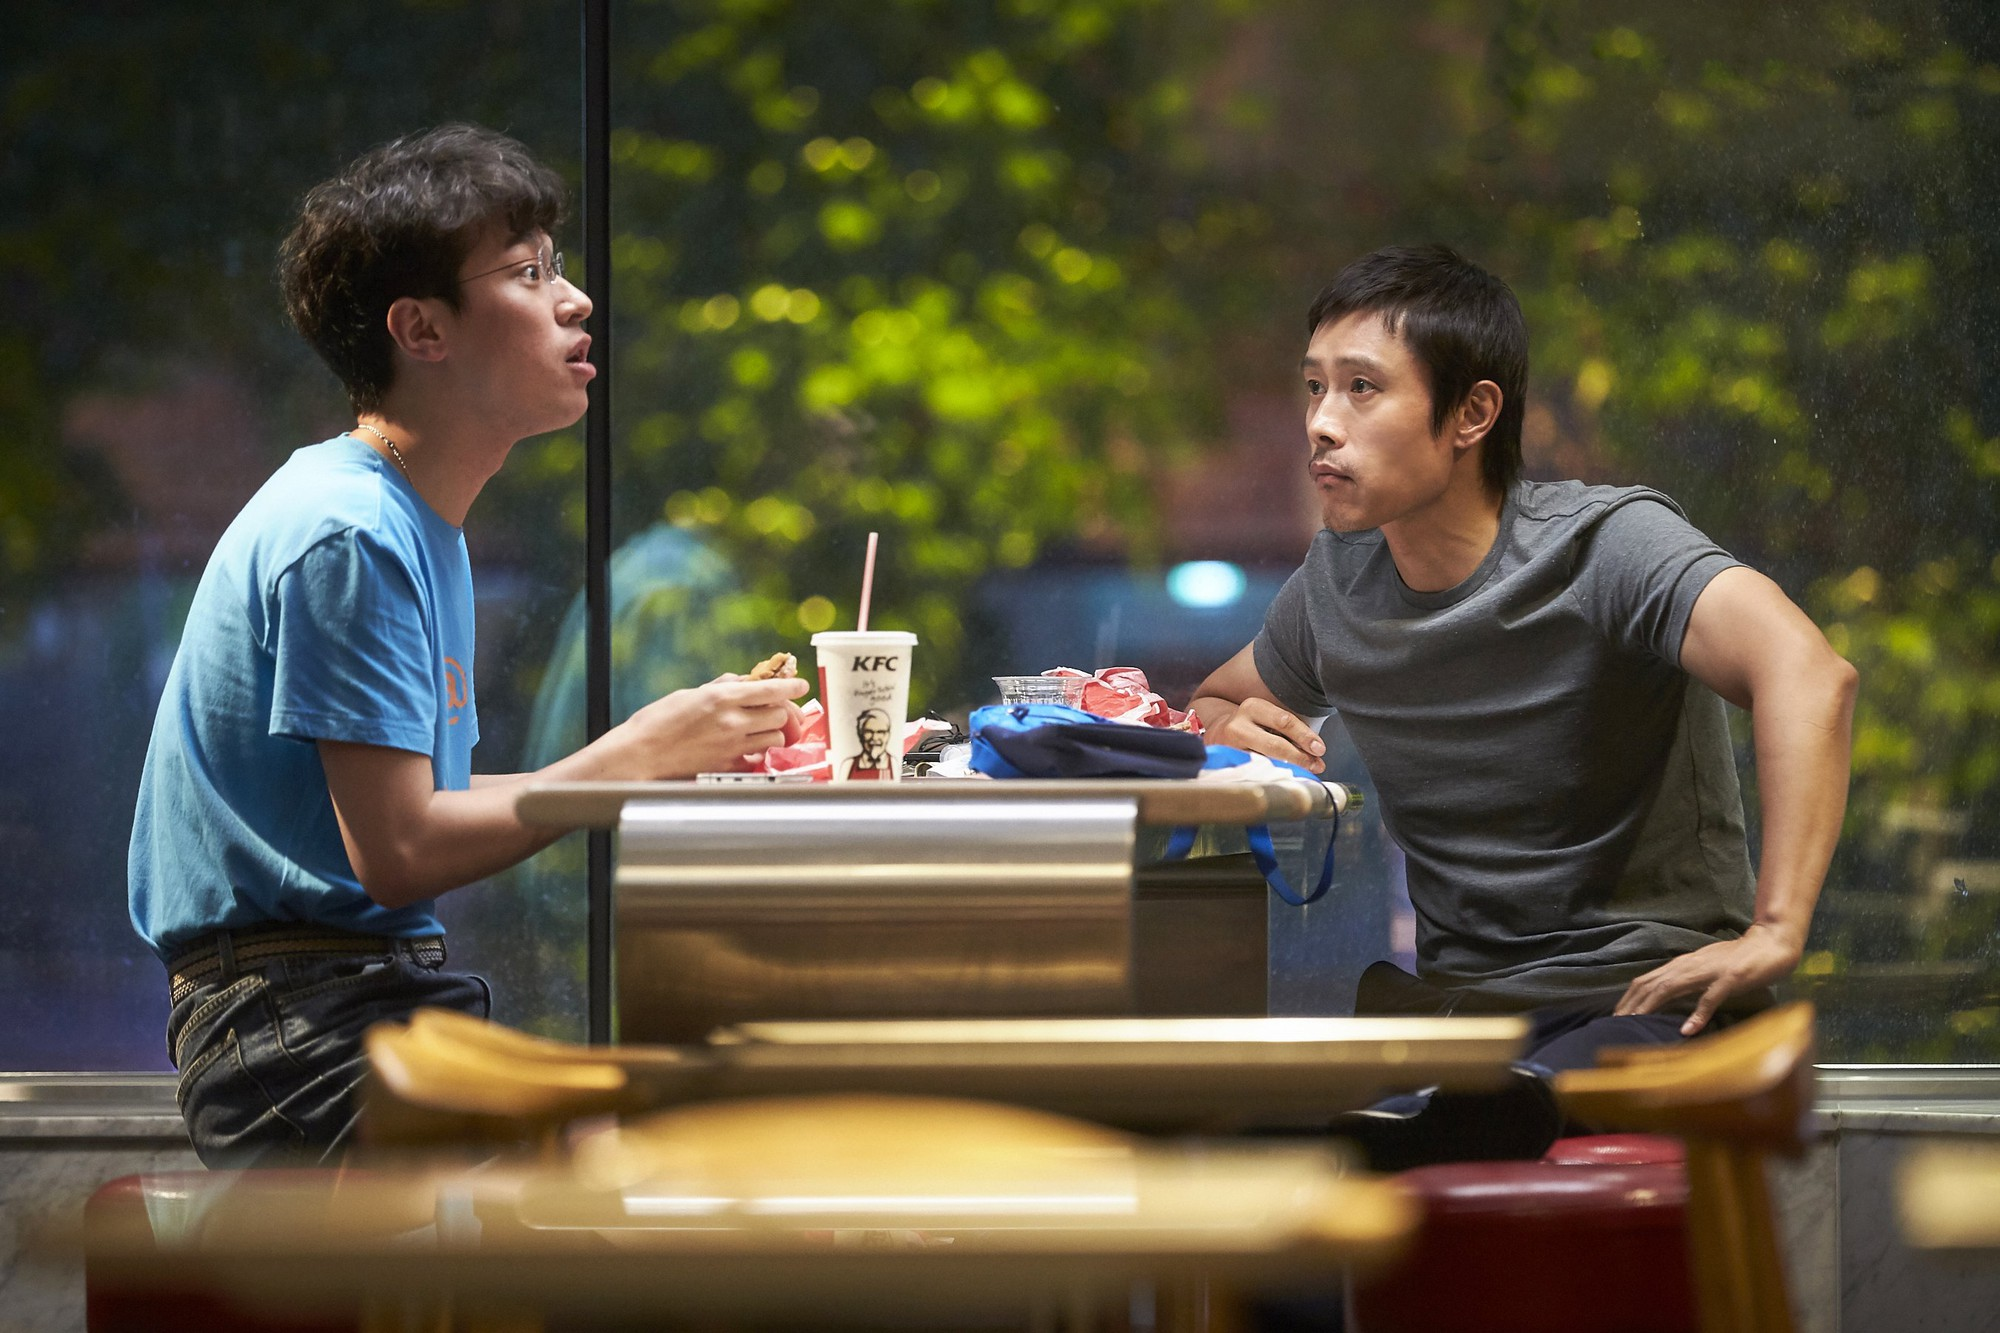 Xin Chào, Cậu Em Khác Người! - Khóc ngon lành vì mẹ con Lee Byung Hun - Ảnh 3.